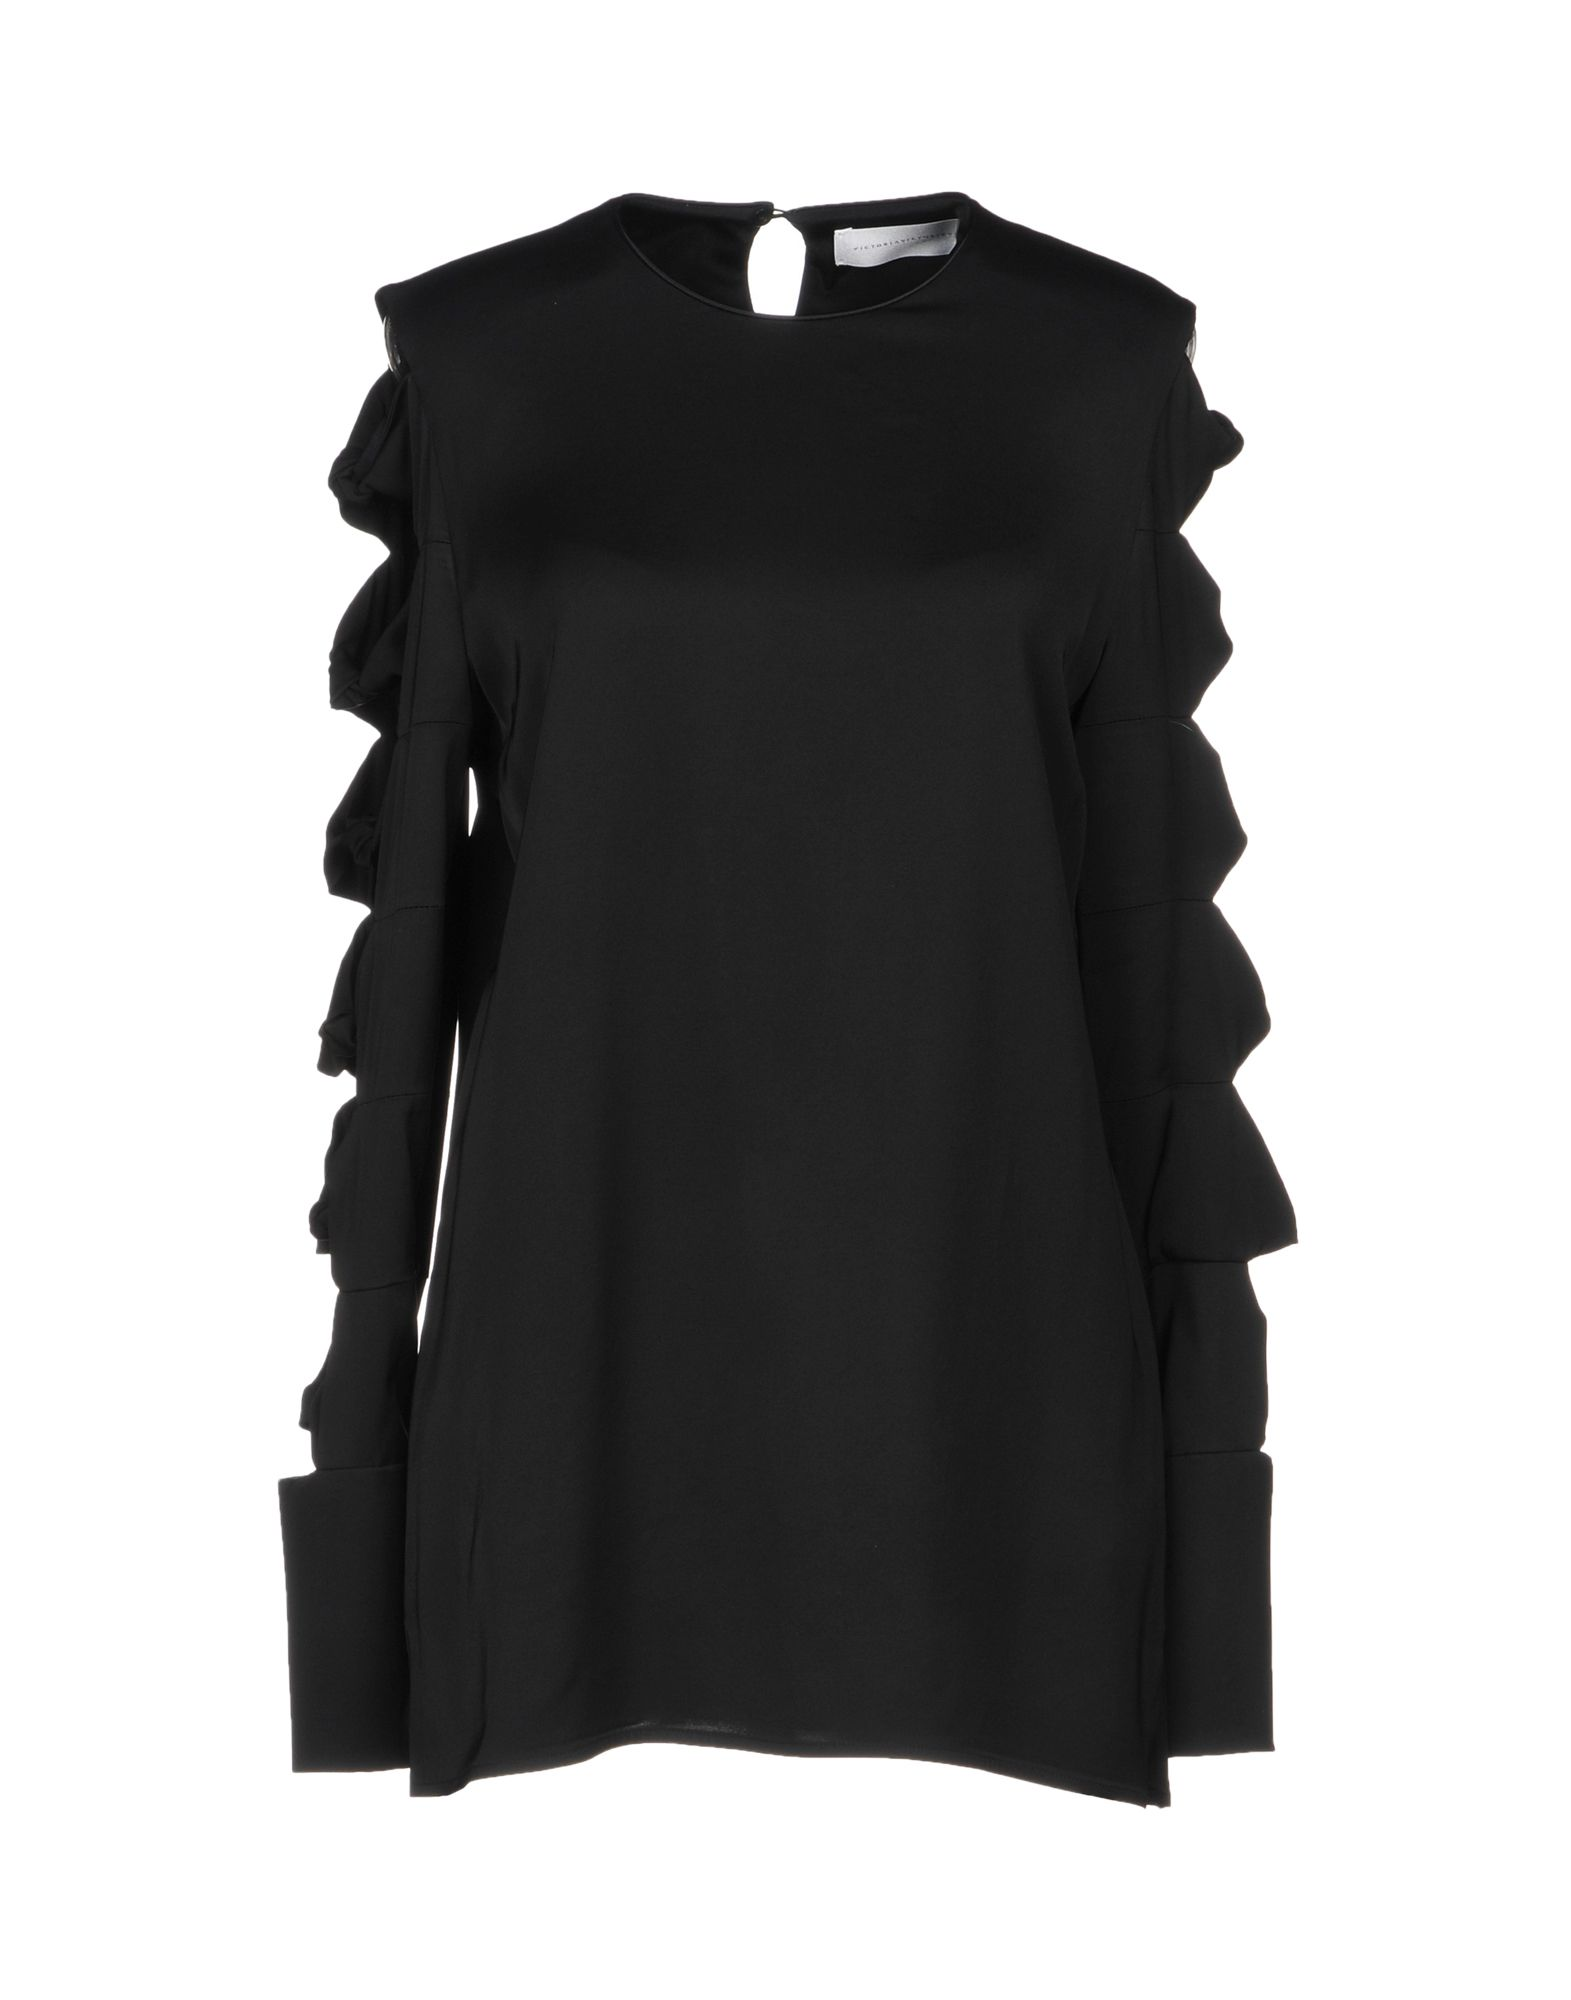 Blusa Victoria Beckham Donna - Acquista online su 2z3g10jAfX